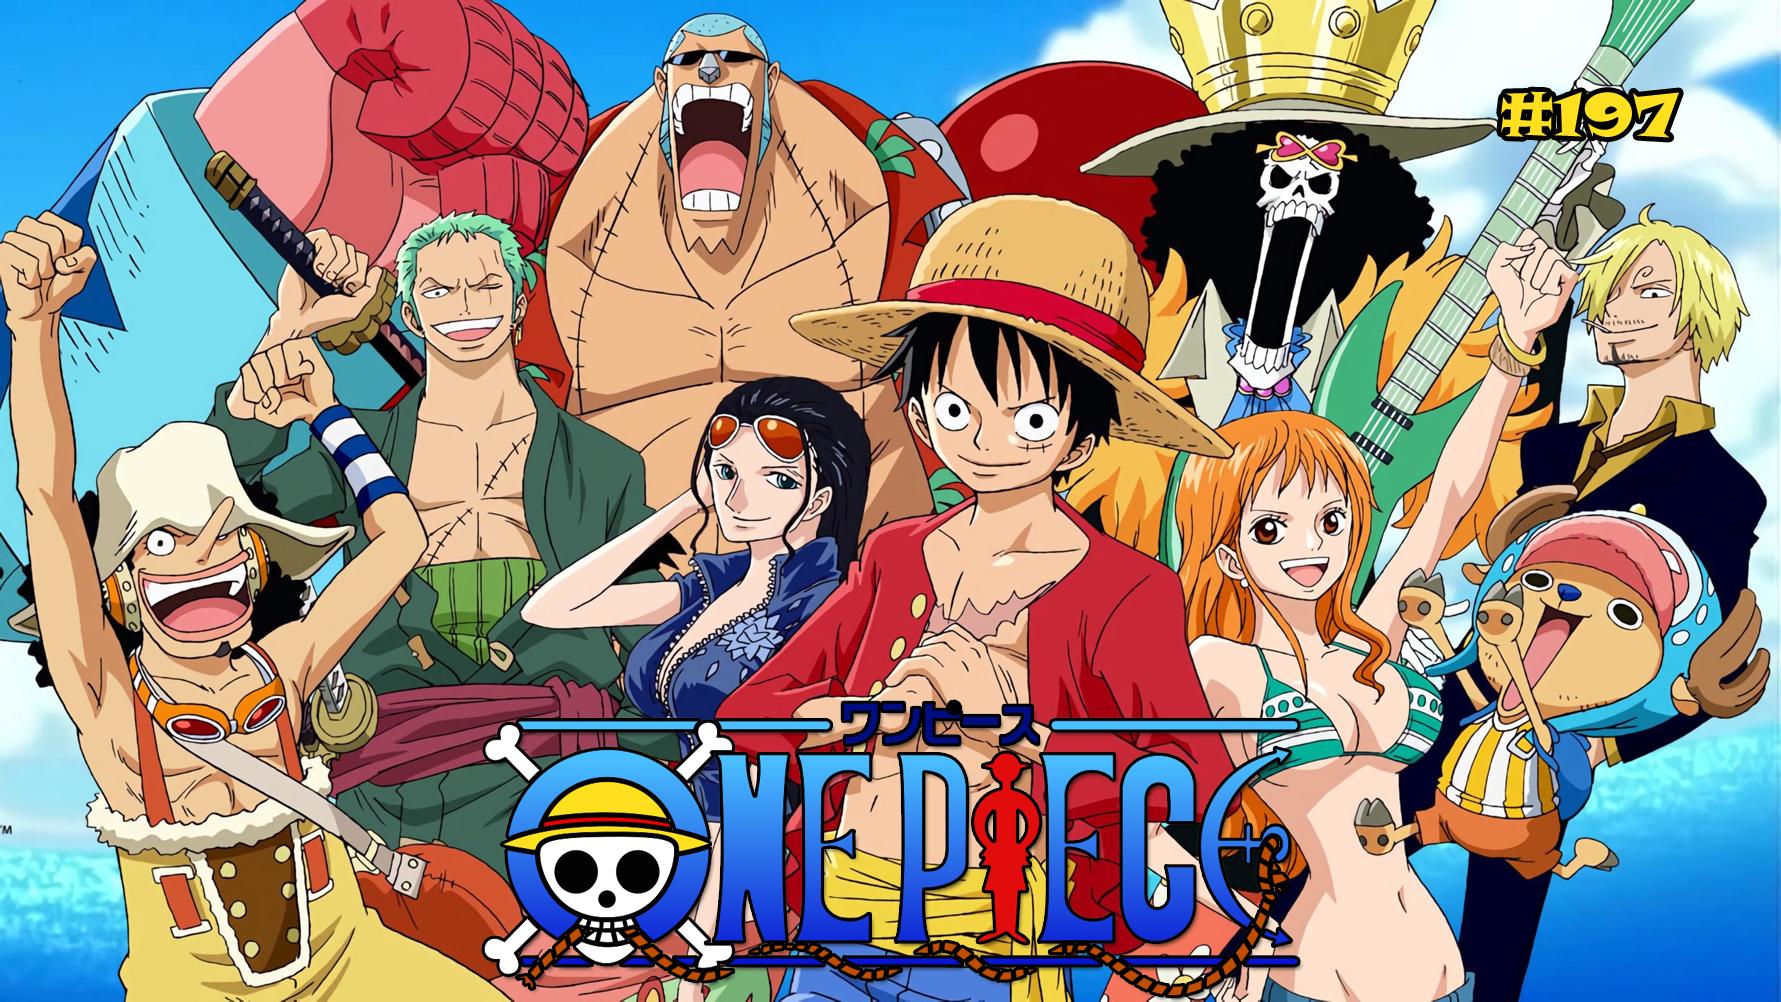 TT Poll #197: One Piece